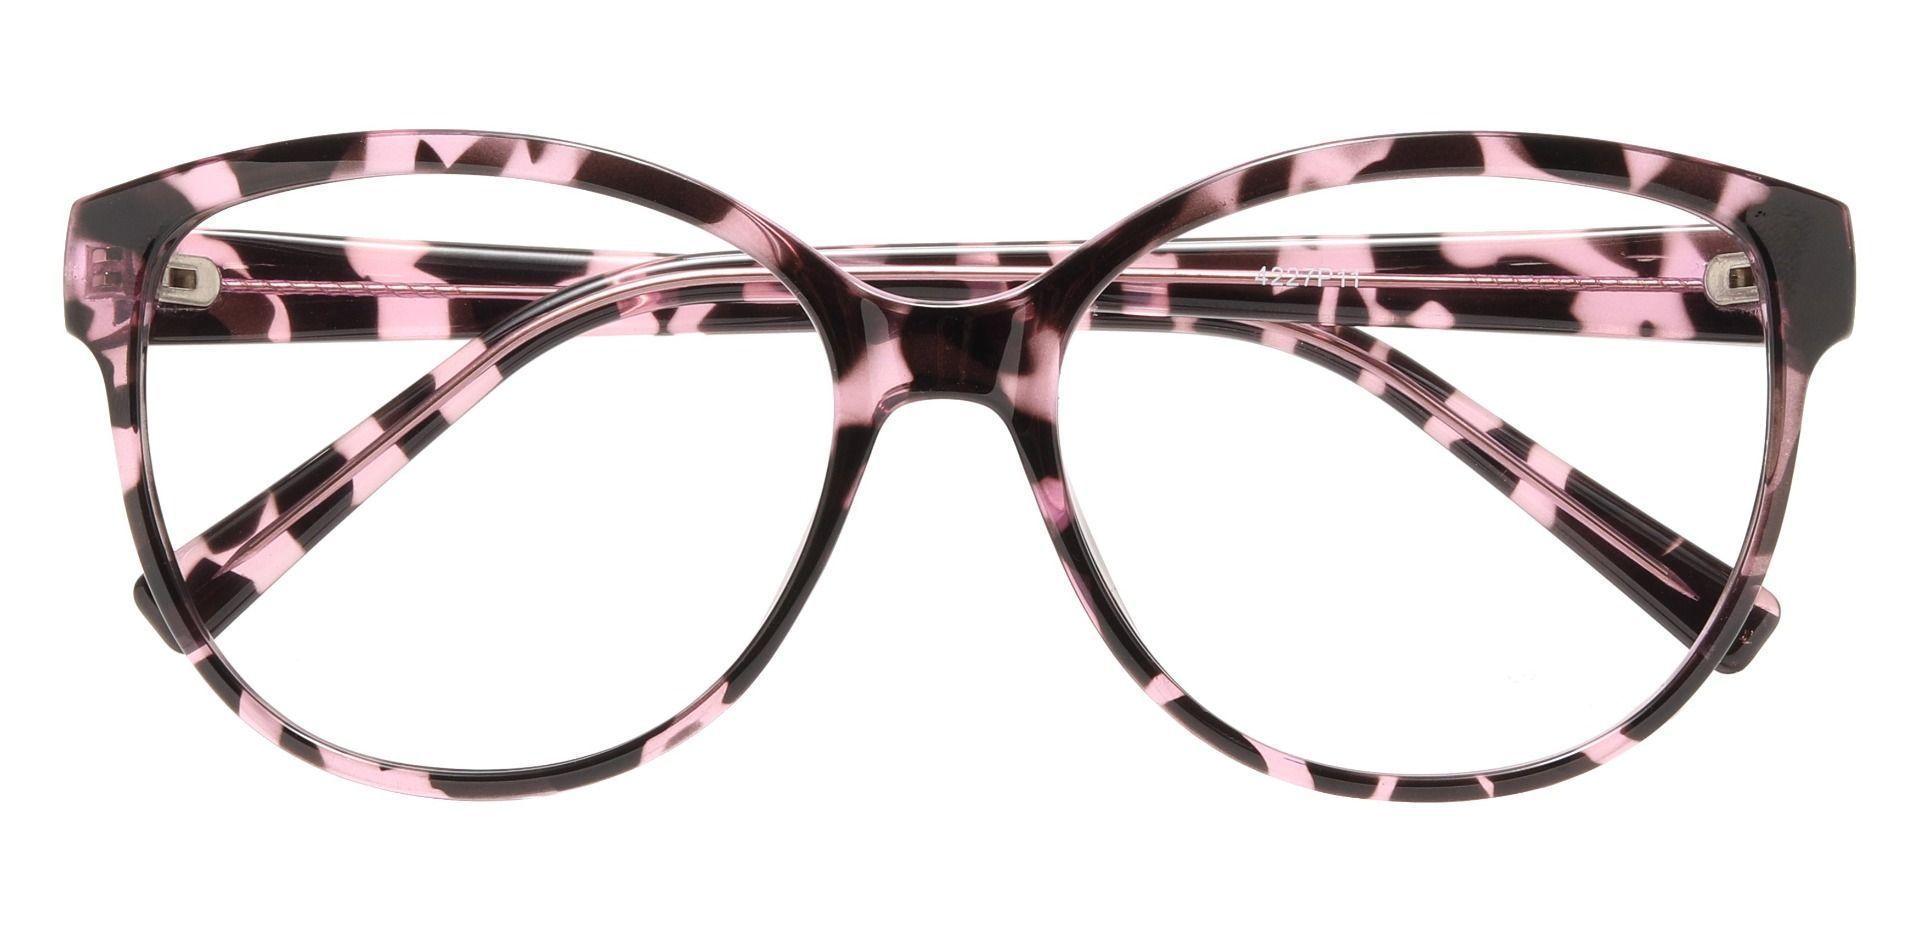 Rabia Oval Prescription Glasses - Purple